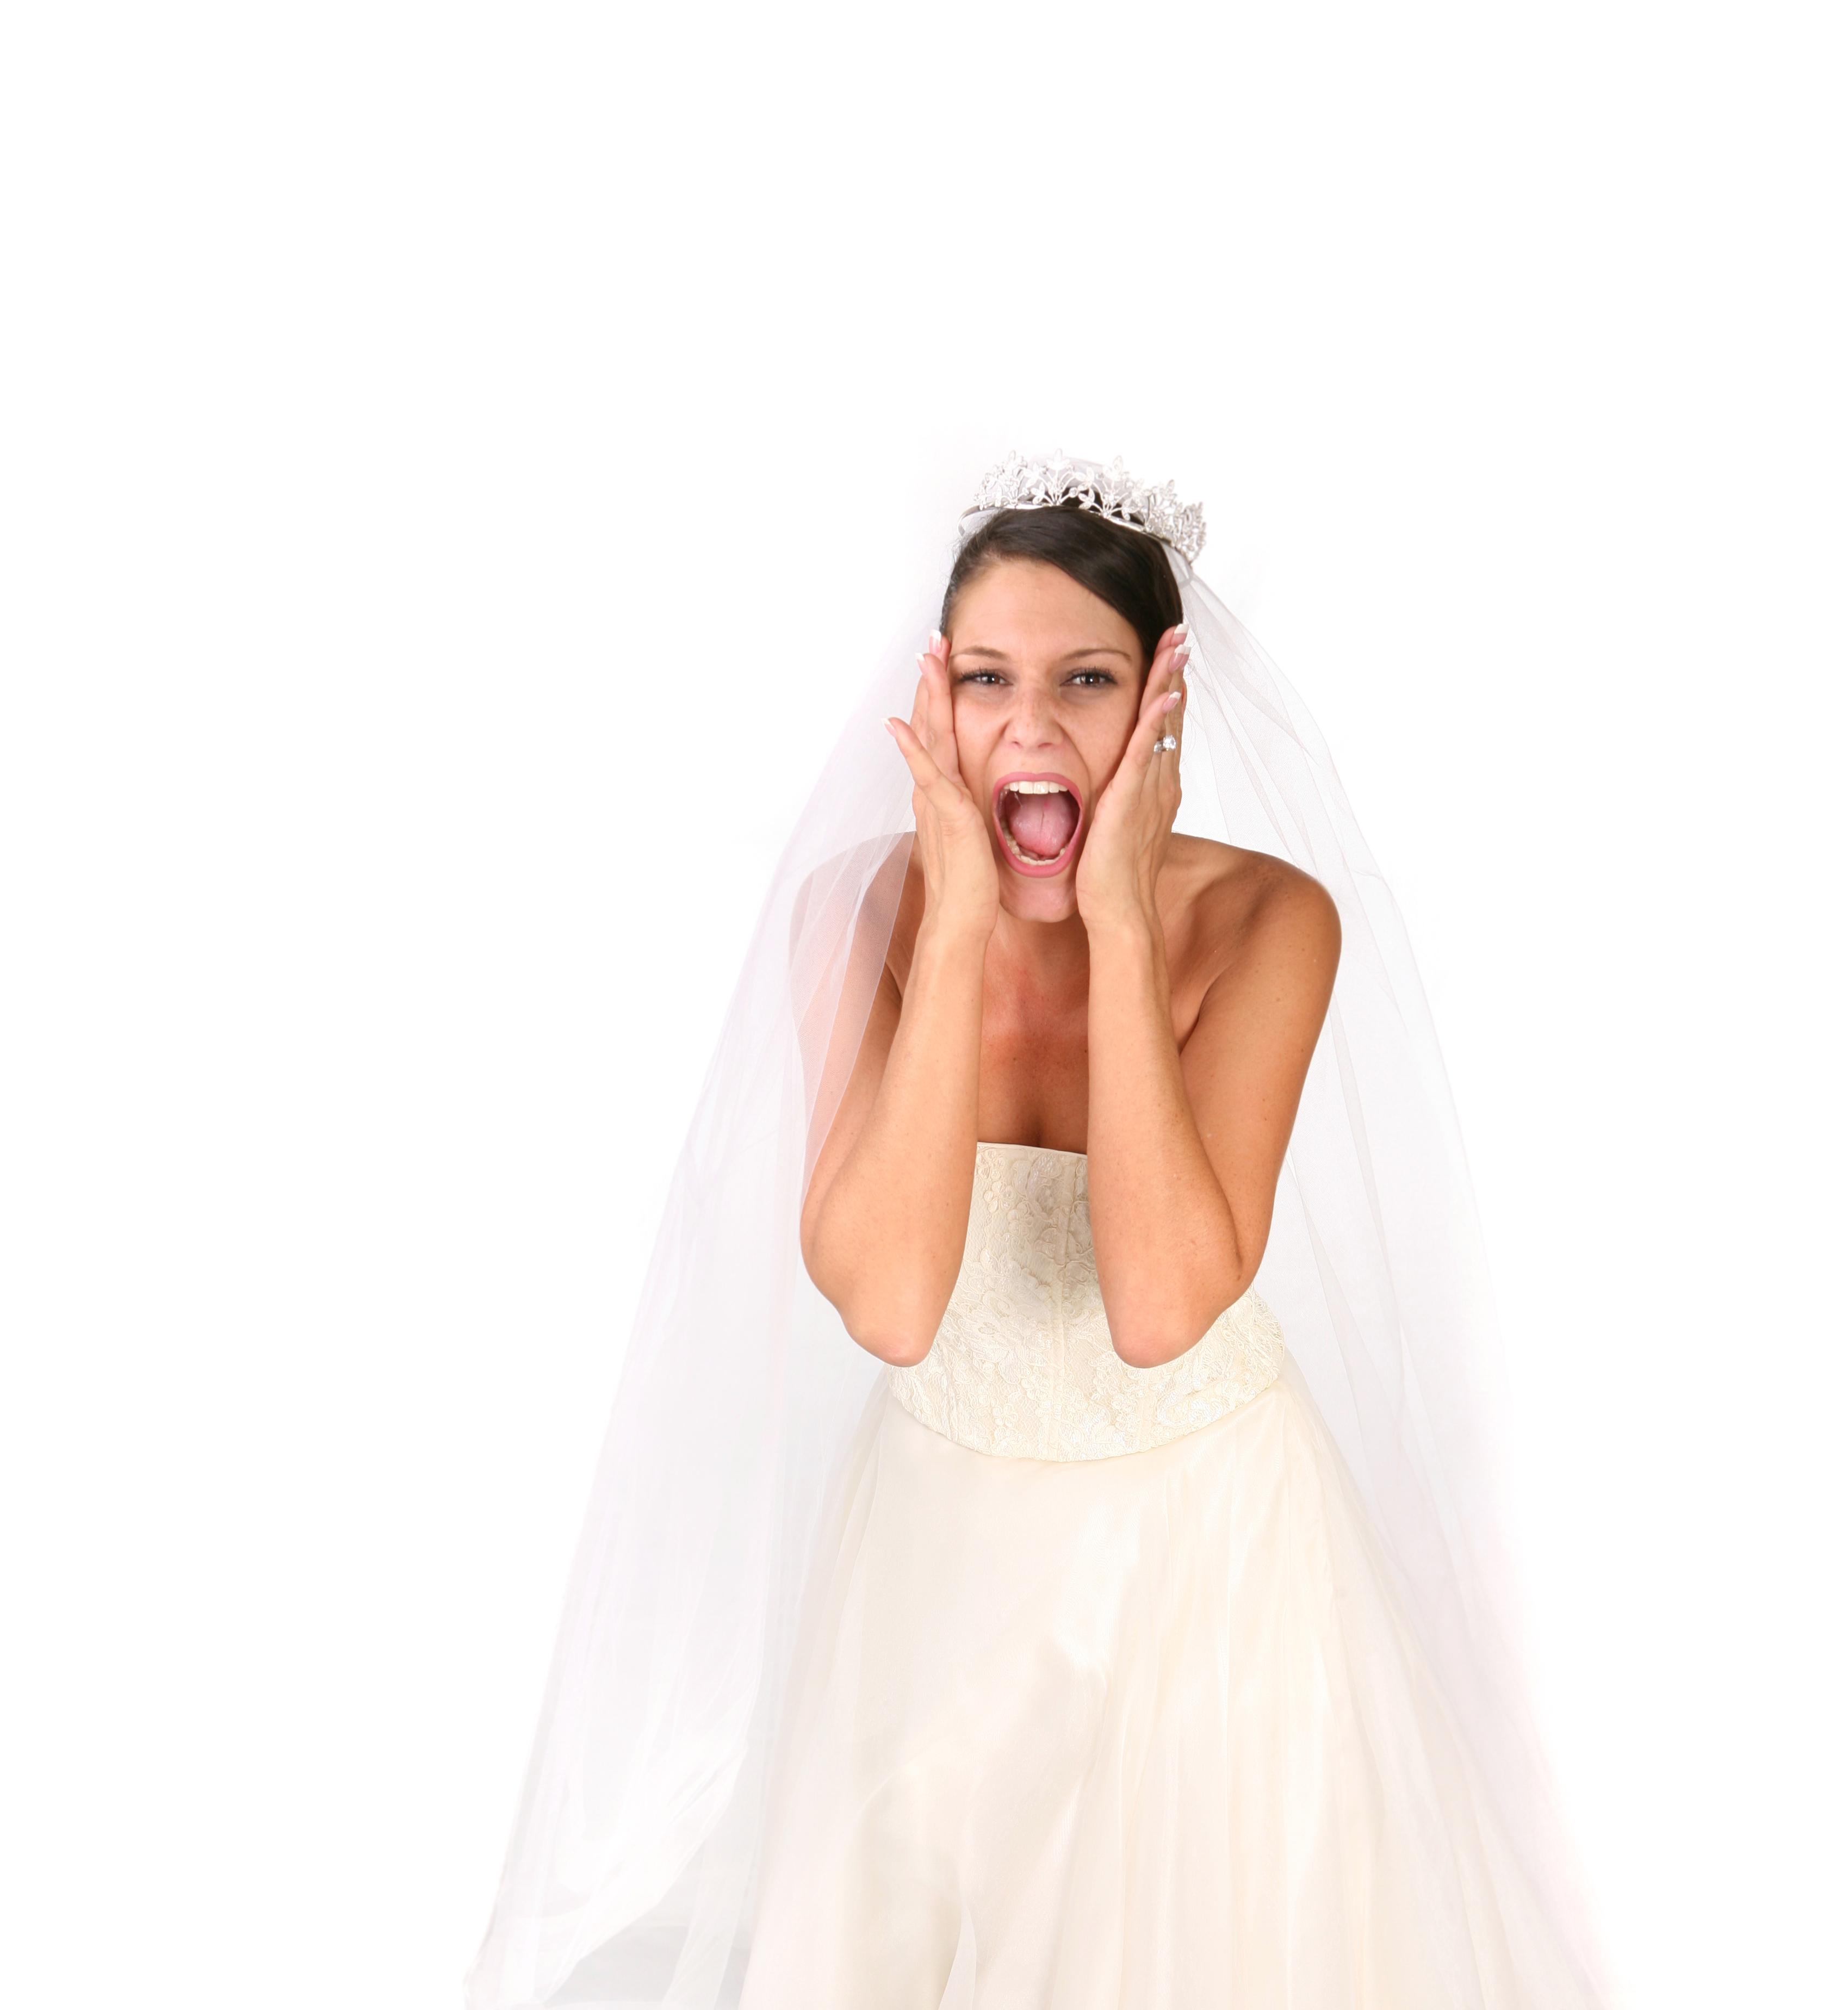 geen traditionele bruiloft